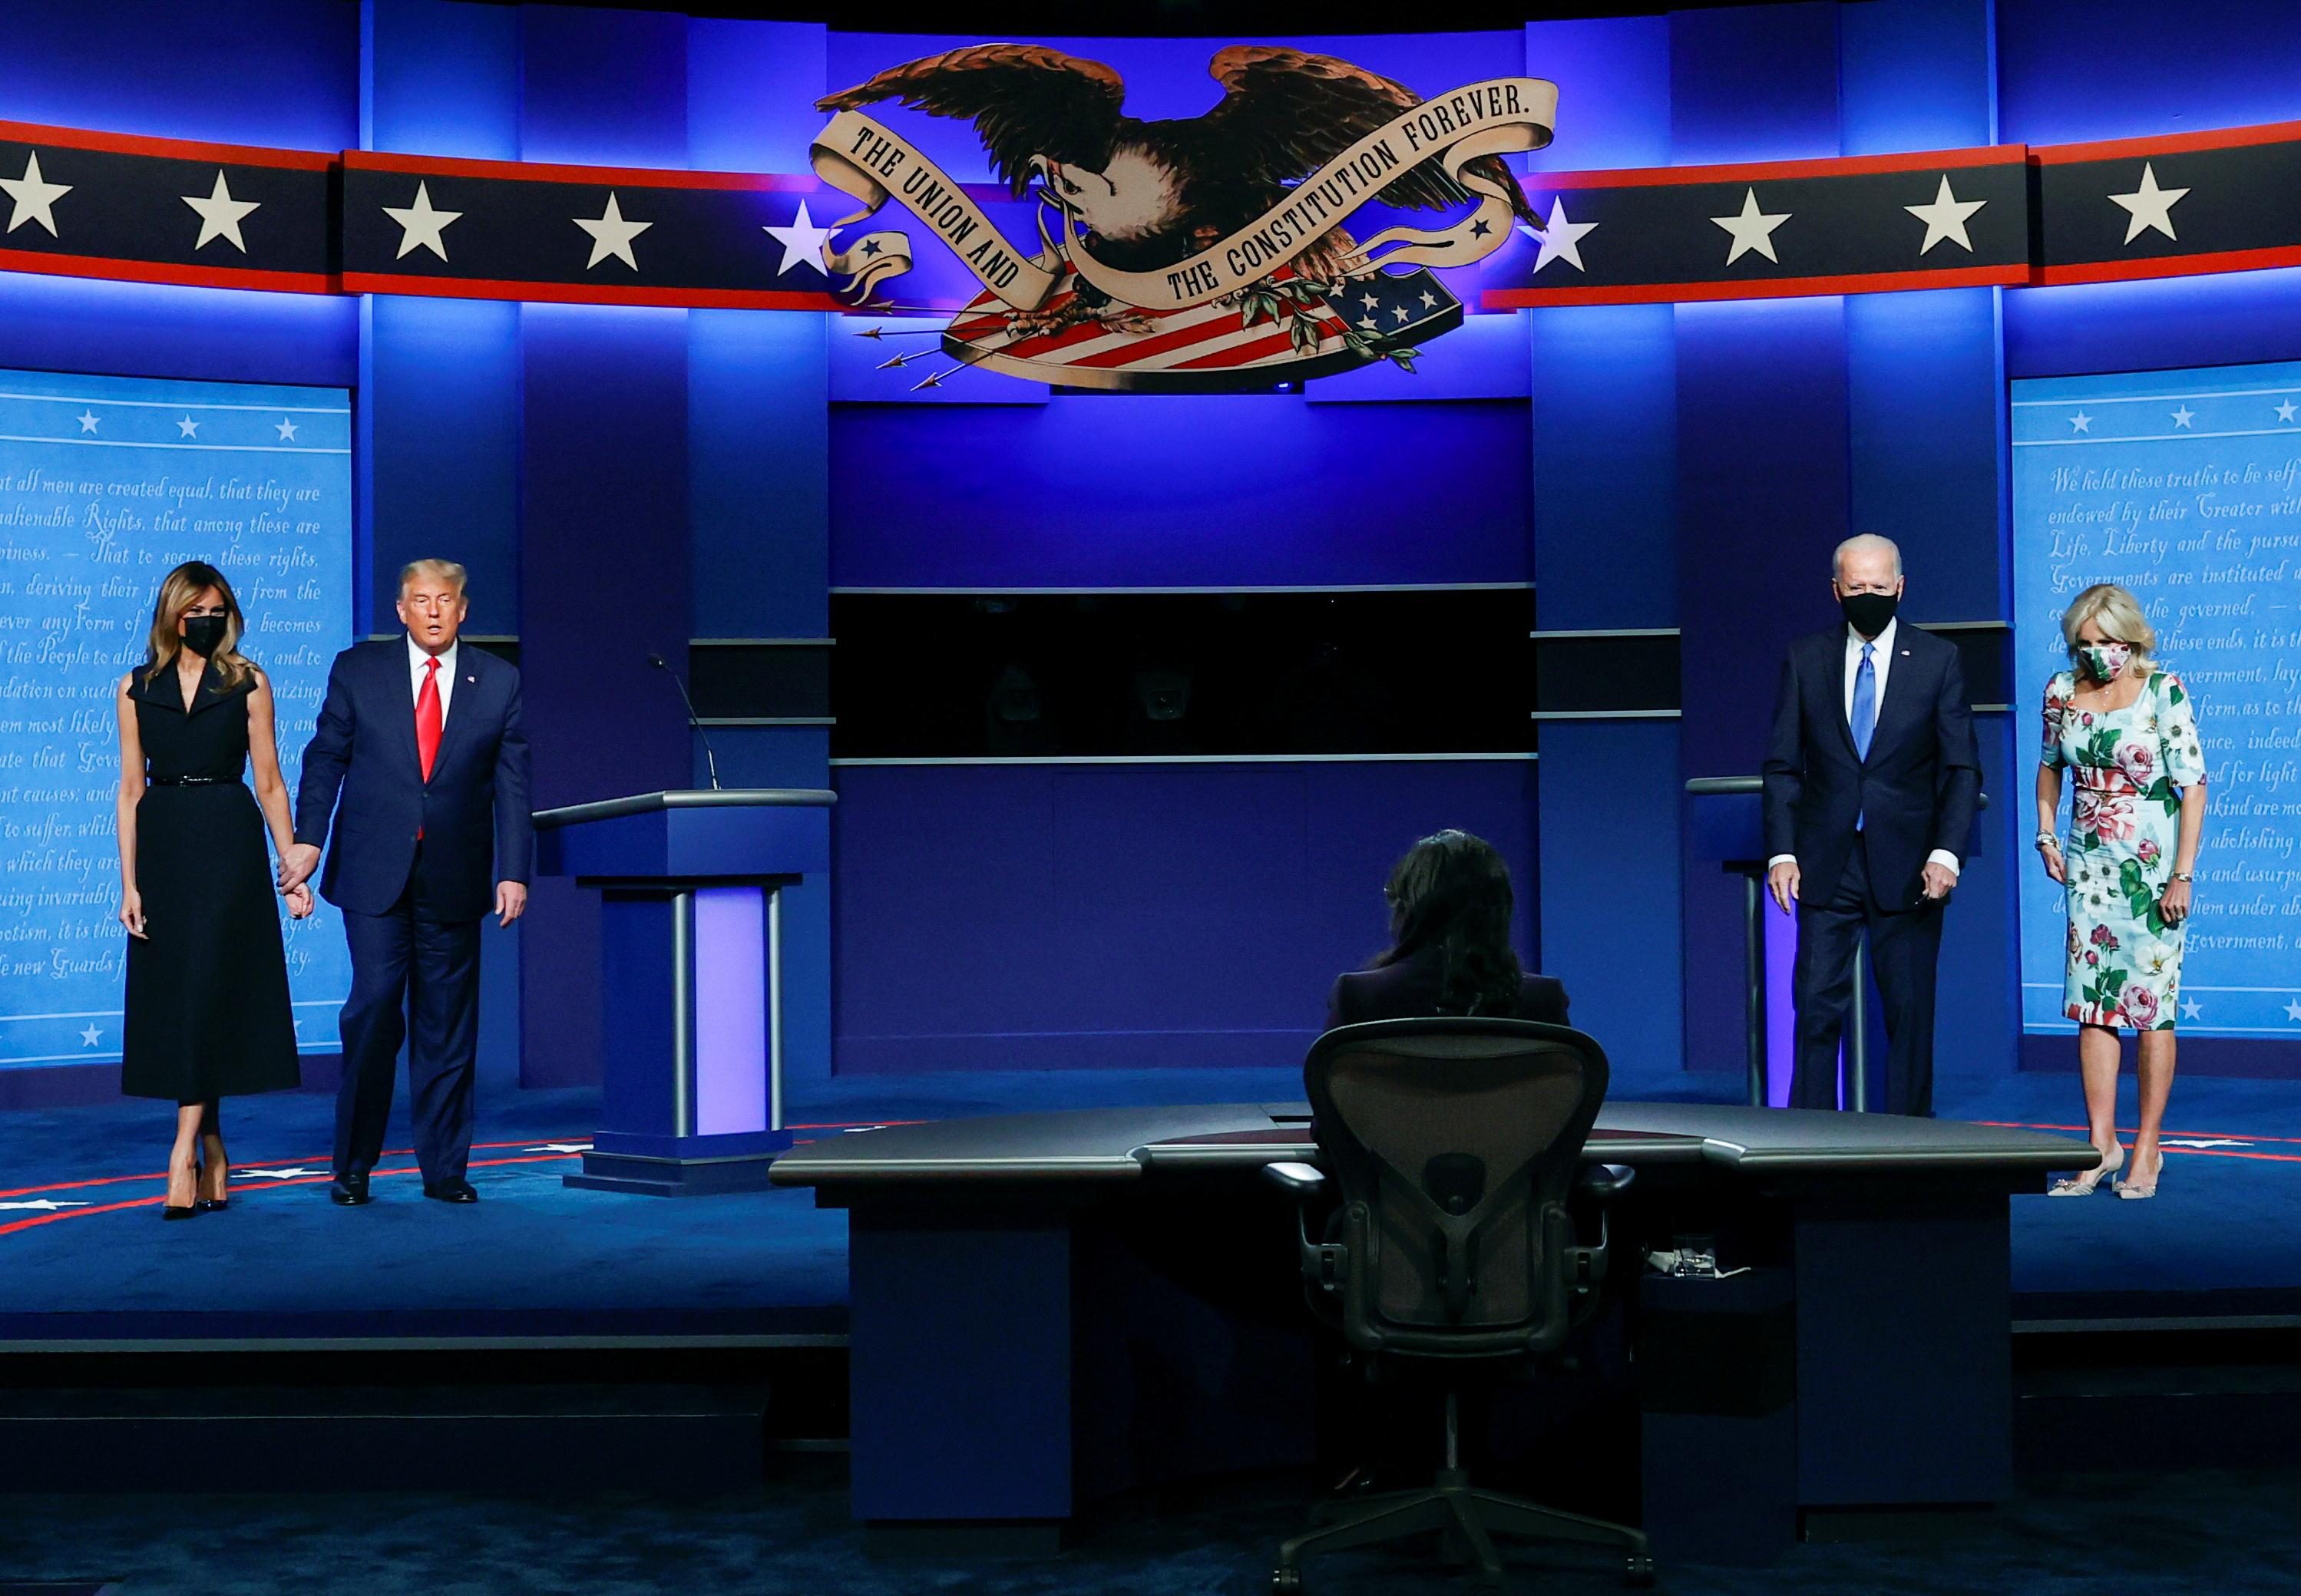 辩论会结束后,梅拉妮亚(左1)和拜登(右2)妻子吉尔(右1)都上台向各自的丈夫表达支持,直到电视台直播画面结束时,4人中只有特朗普(左2)没戴口罩,形成强烈对比。-路透社-